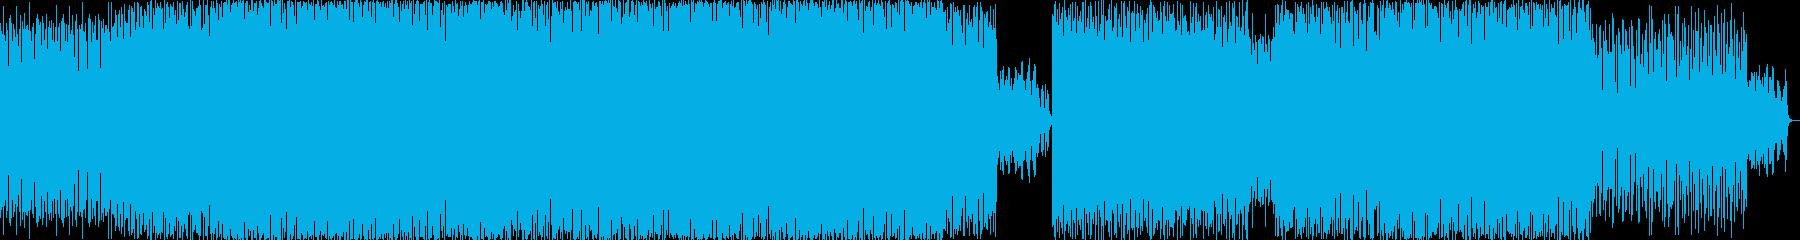 淡々としたコーポレート系BGMの再生済みの波形